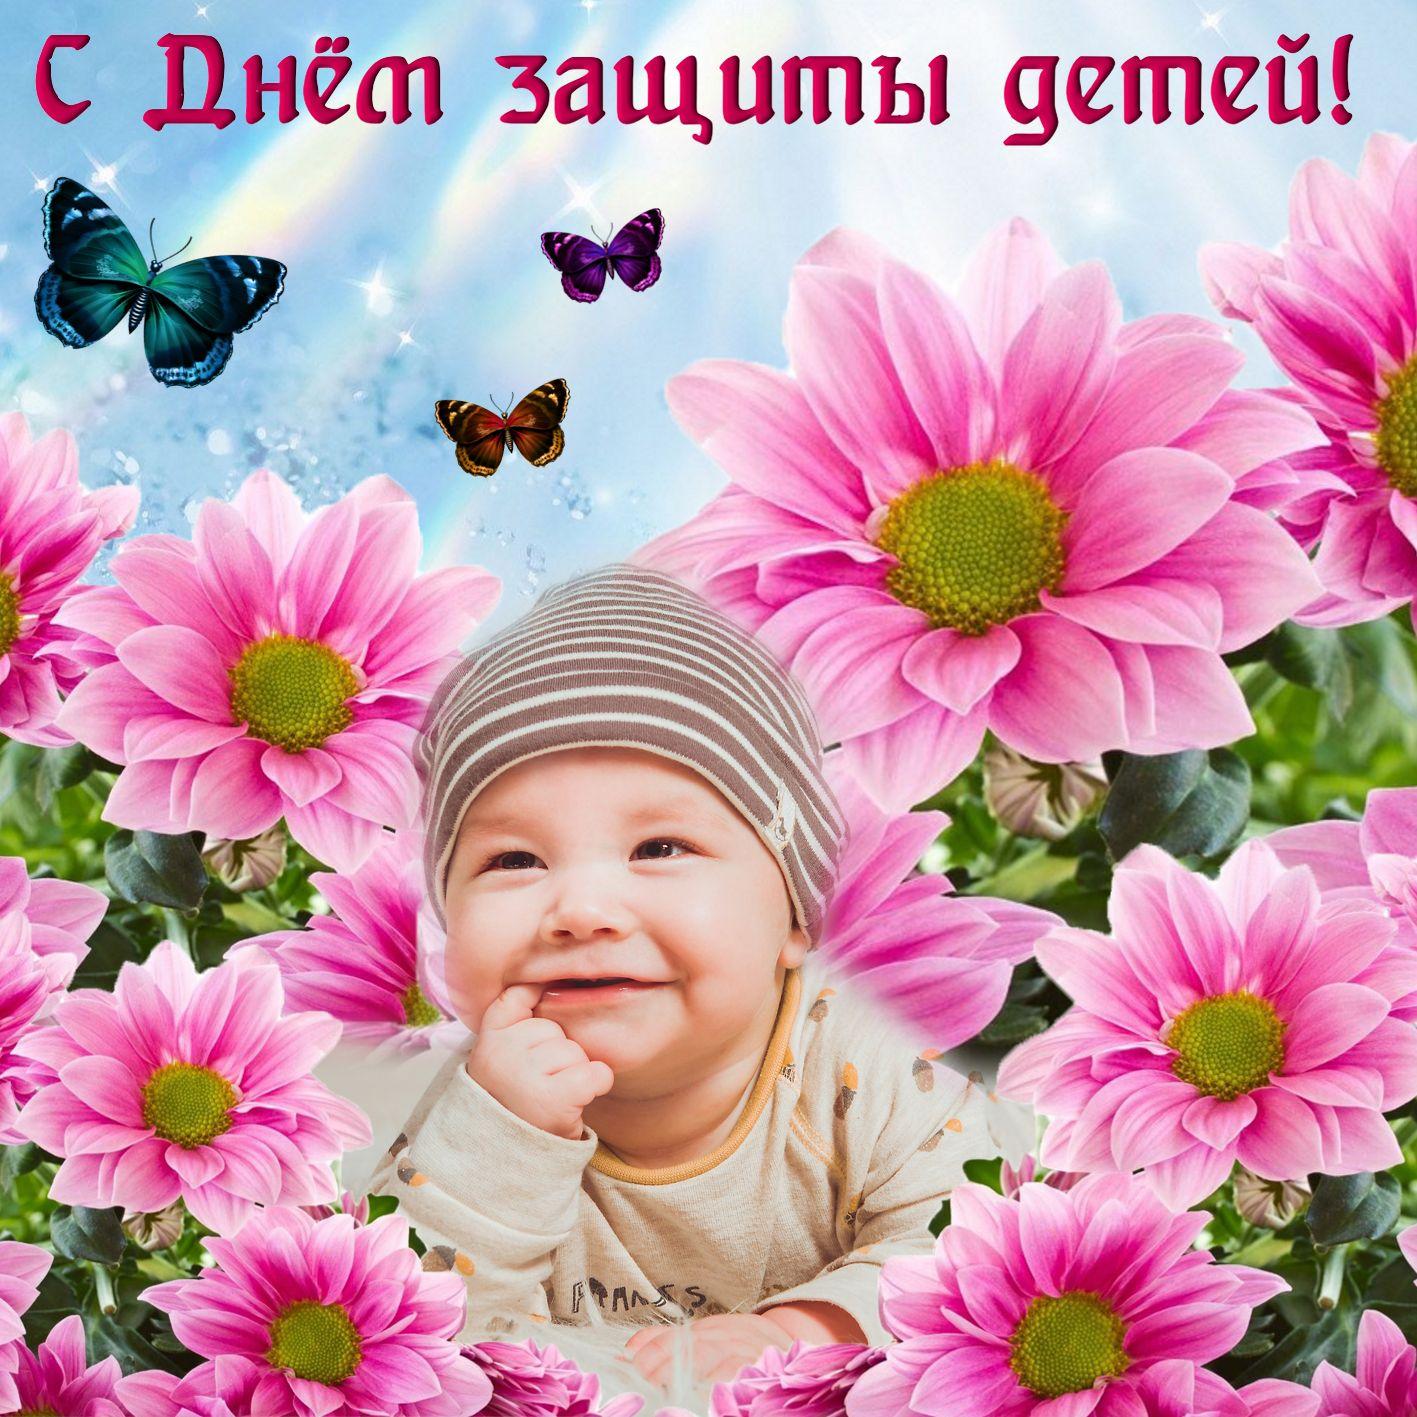 Открытка на День защиты детей - забавный малыш среди розовых цветов